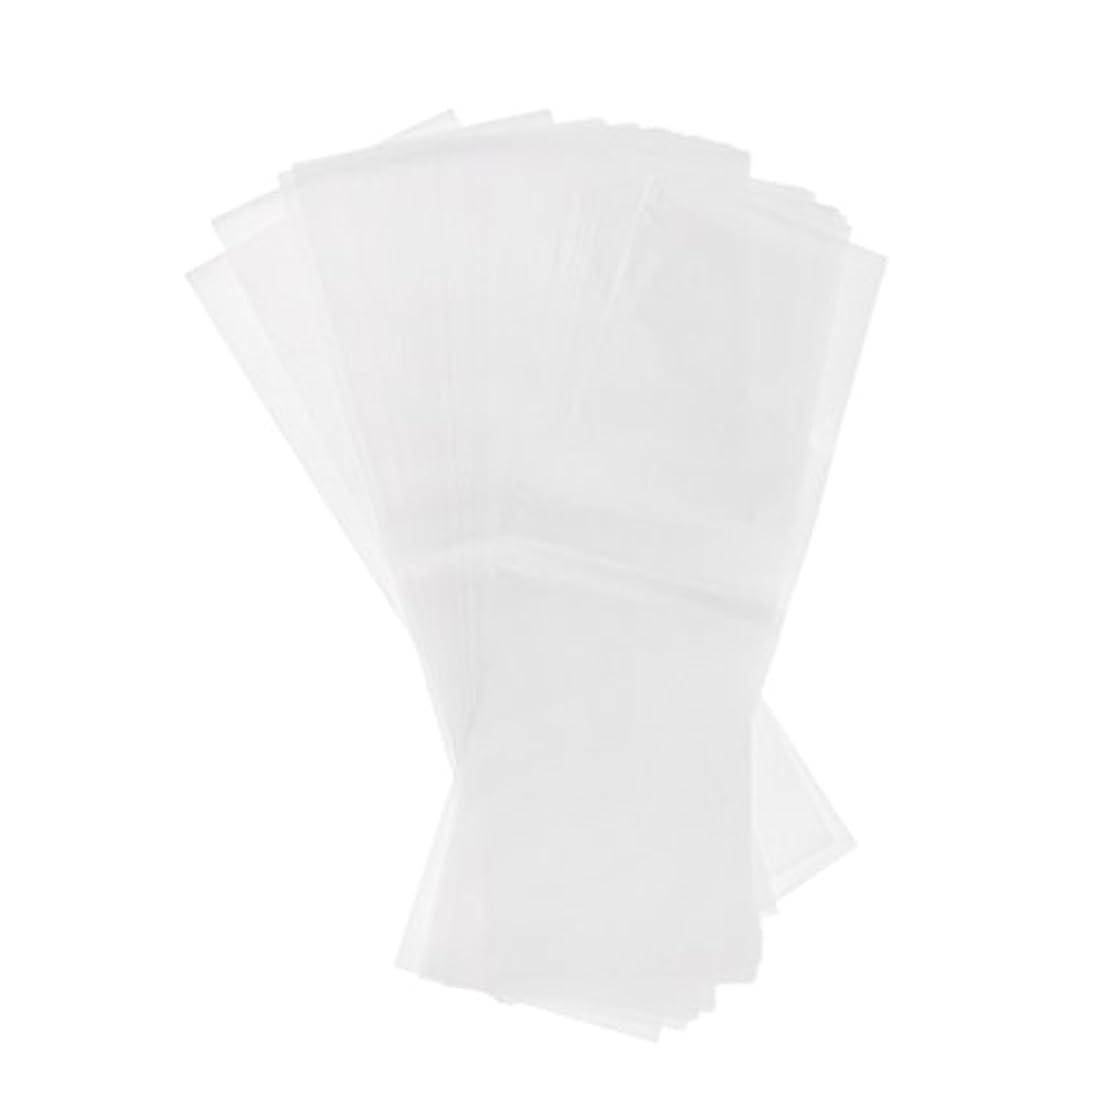 バドミントン終わりテレックス約100個 毛染め サロン プラスチック 染毛紙 色のハイライト 分離シート 再利用可能